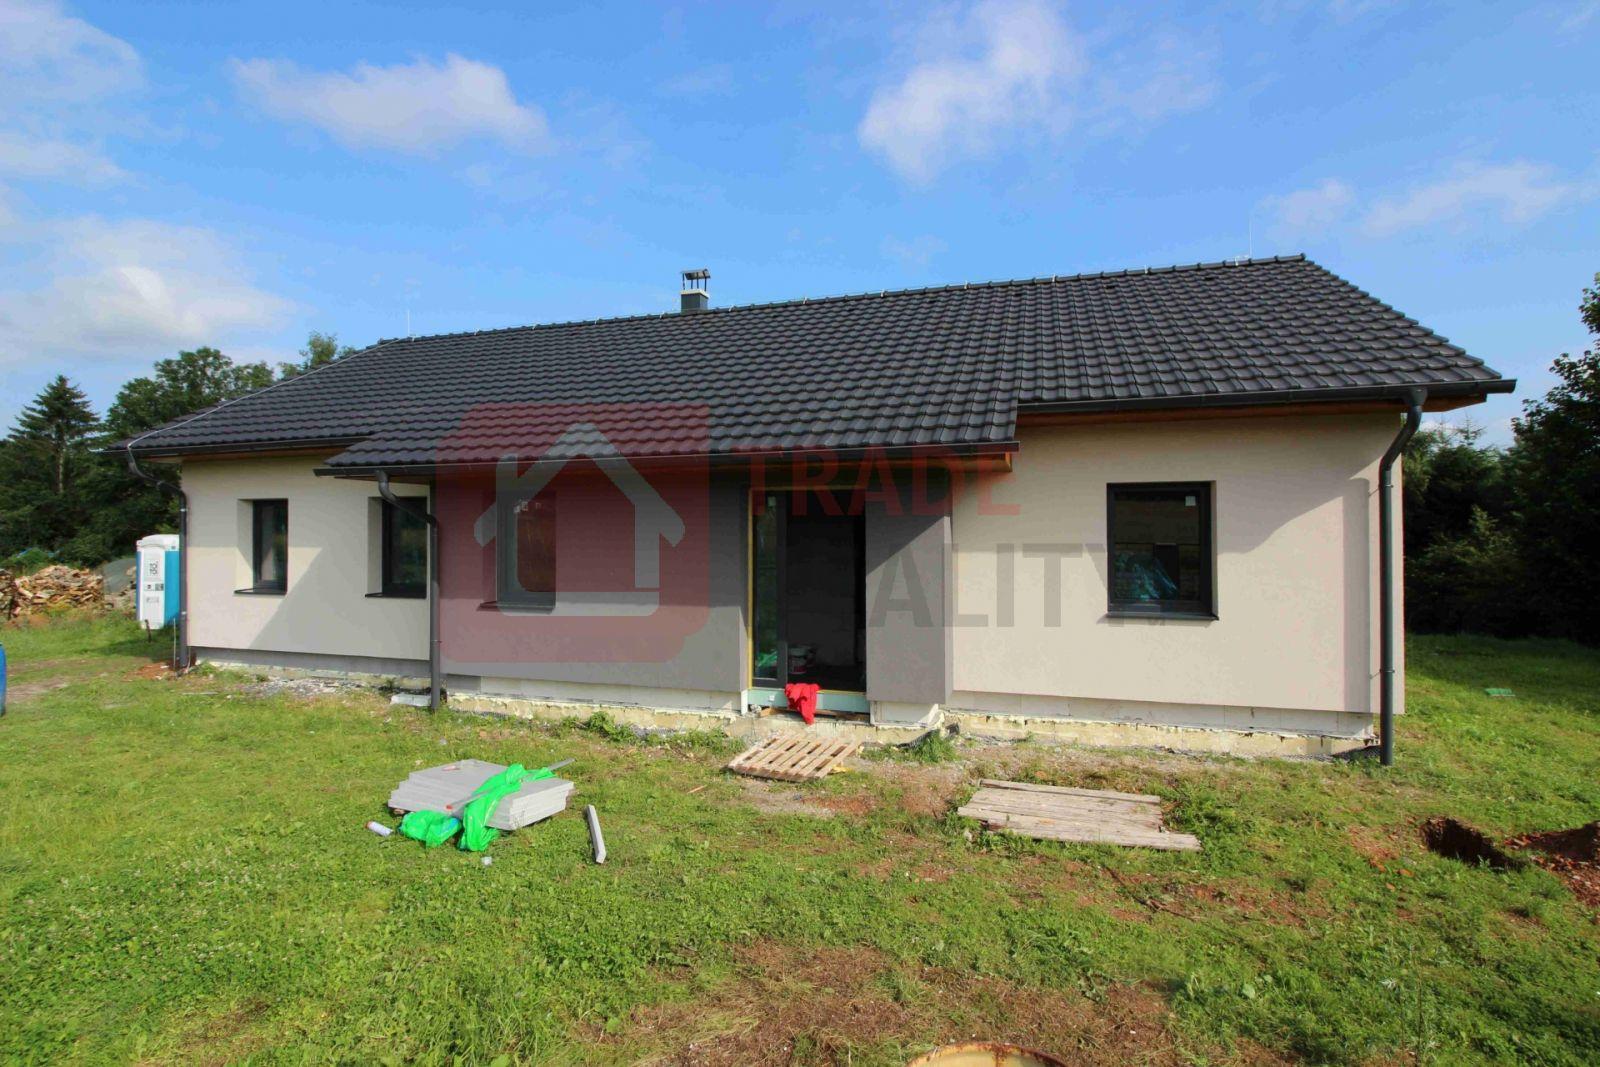 Nabízíme k prodeji novostavbu přízemního rodinného domu typu bungalow o dispozici 4+kk  a výměře 128